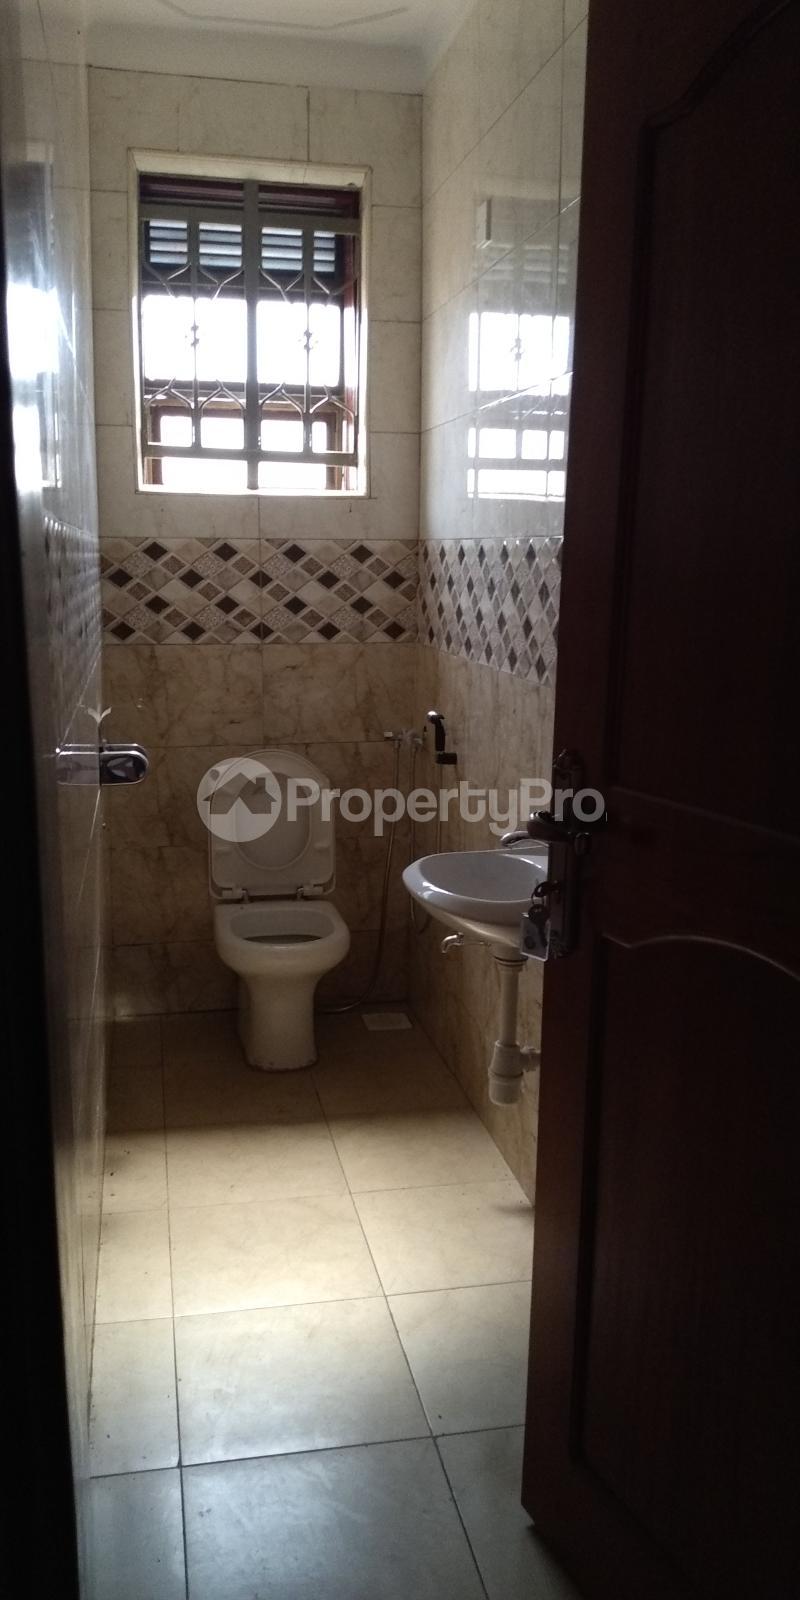 2 bedroom Apartment Block Apartment for rent Walukuba-Masese Rd, Jinja, Uganda Jinja Eastern - 4